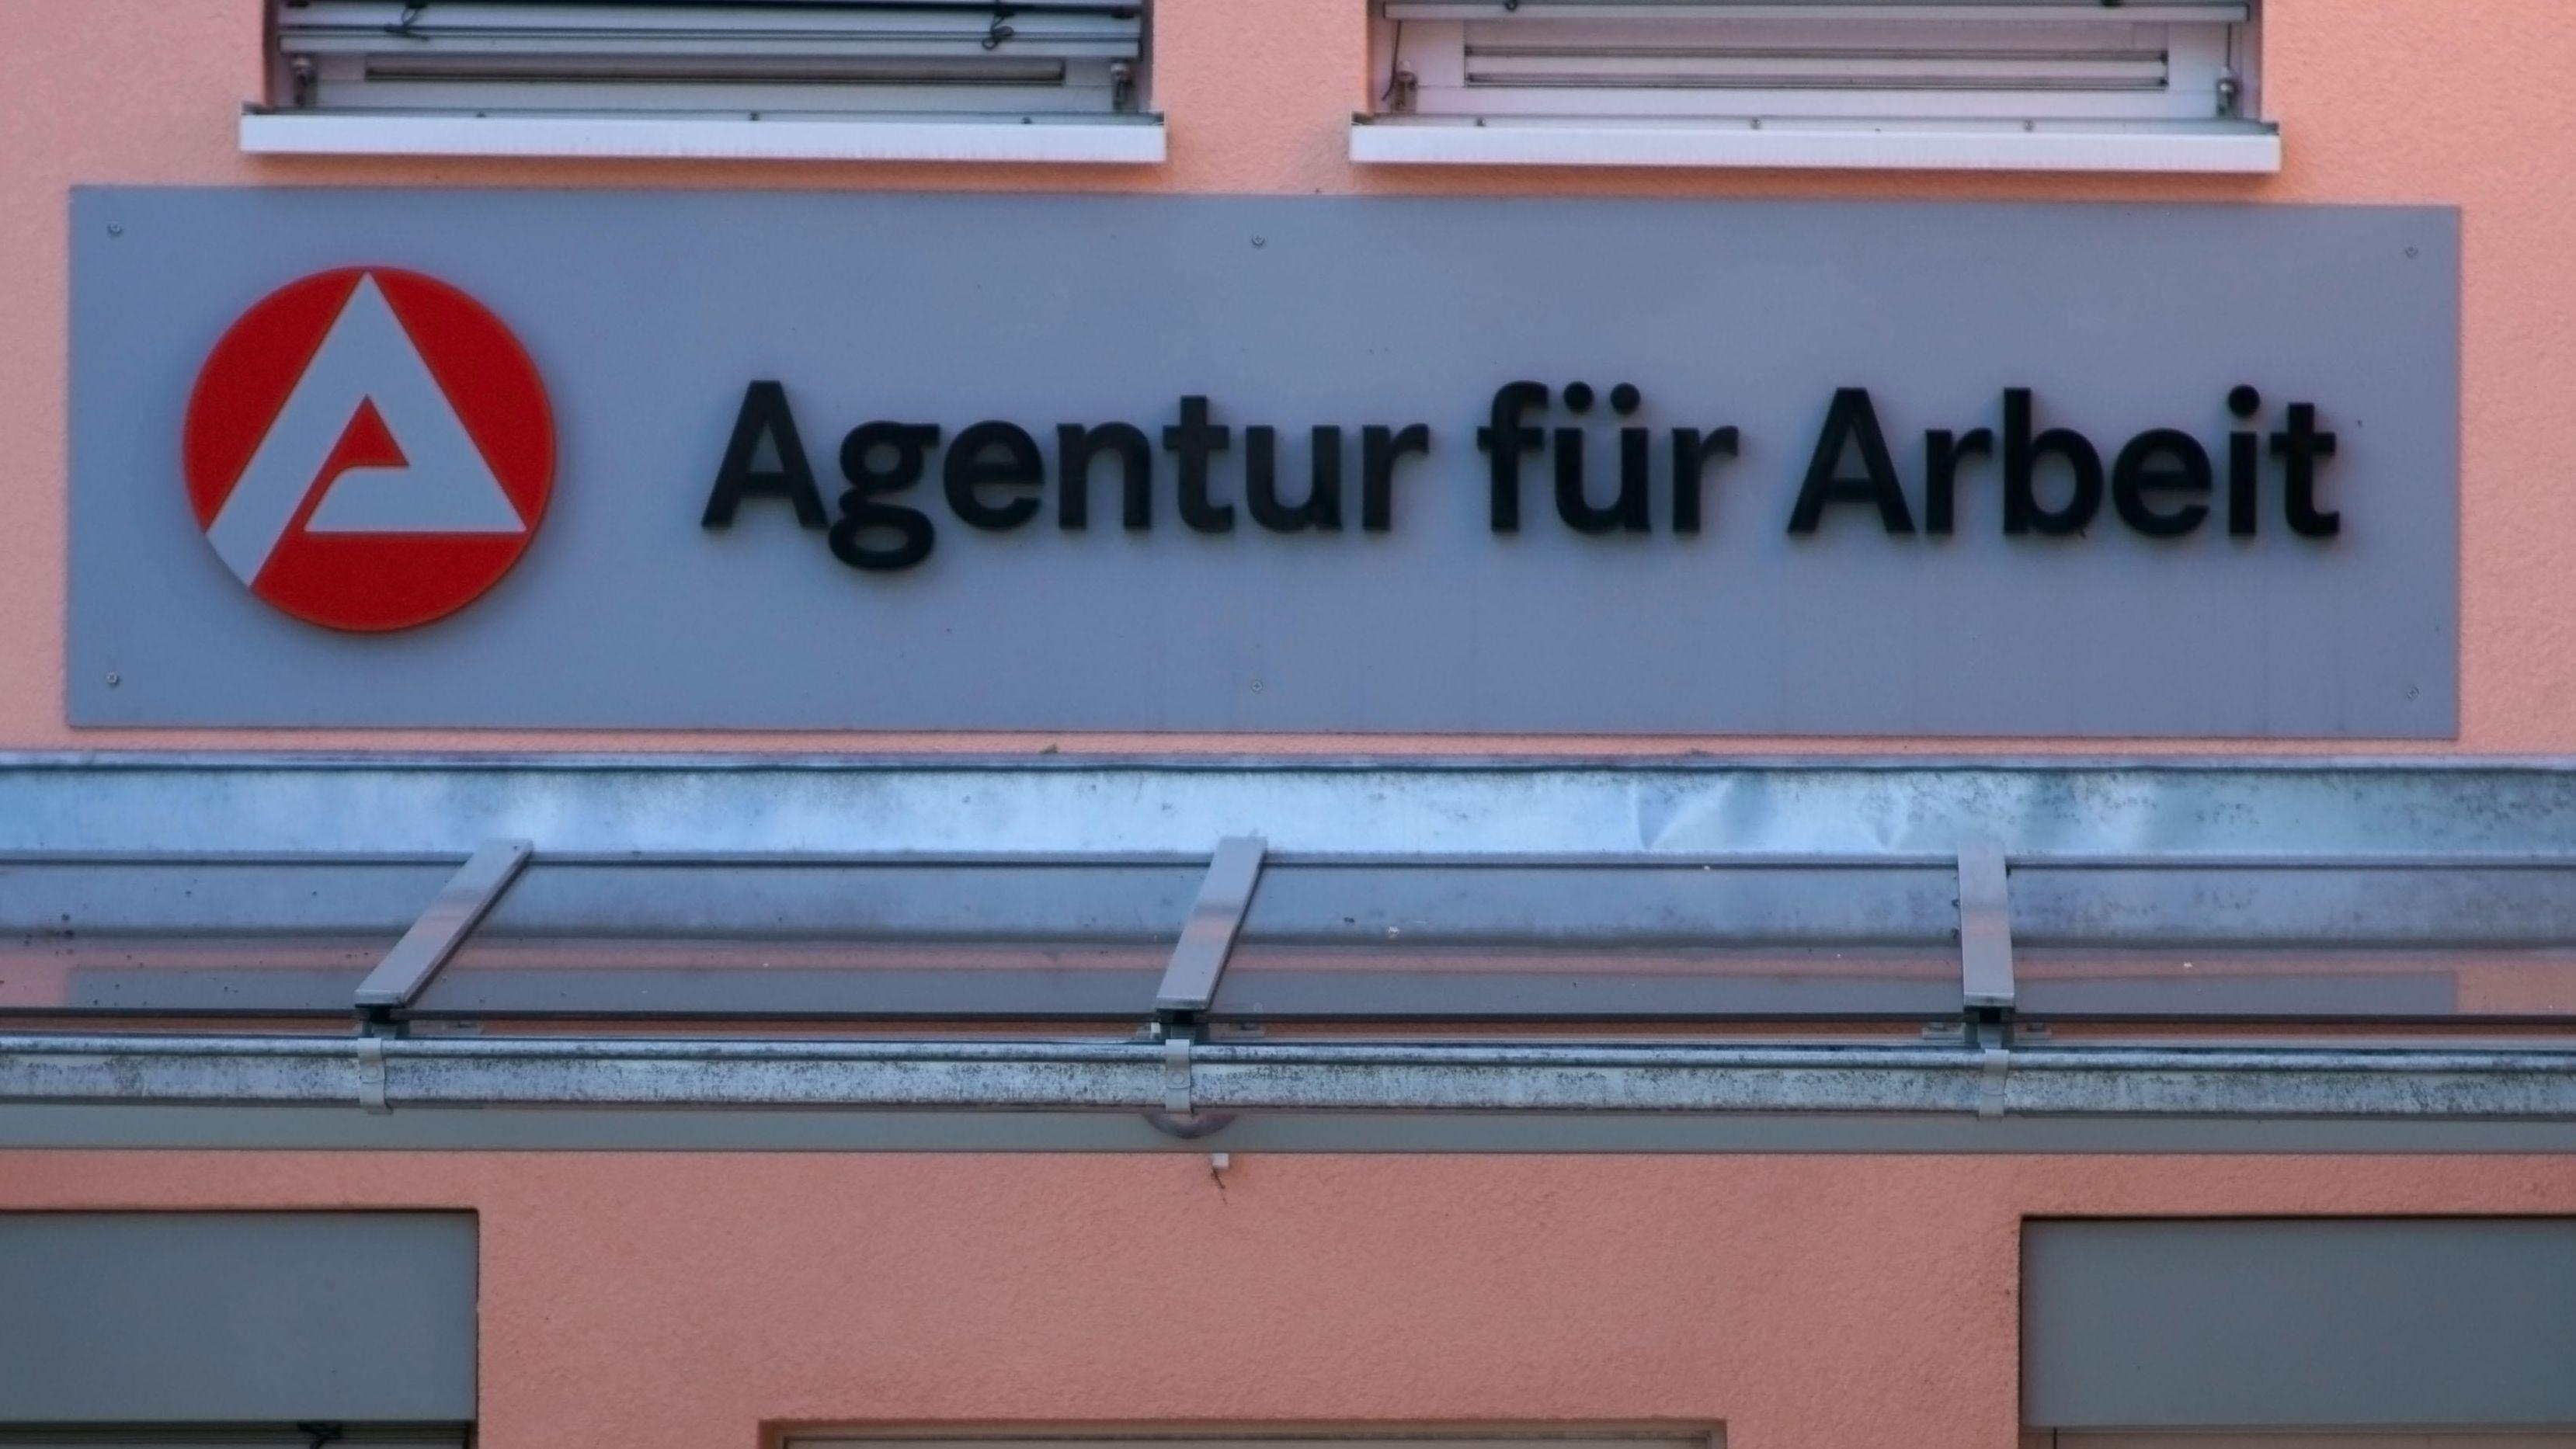 Symbolbild: Agentur für Arbeit